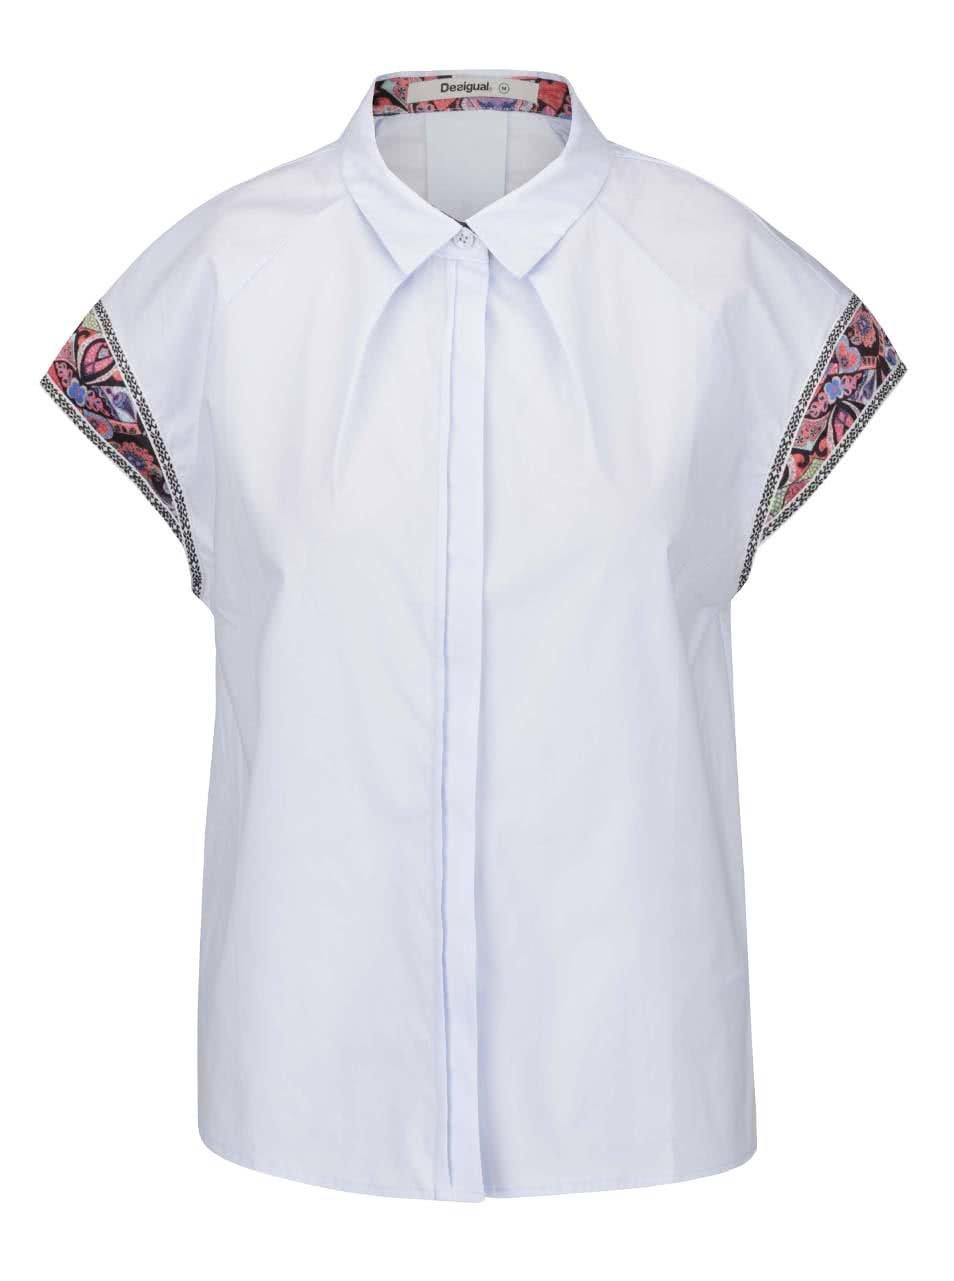 Světle modrá košile s krátkými vzorovanými rukávy Desigual Marian